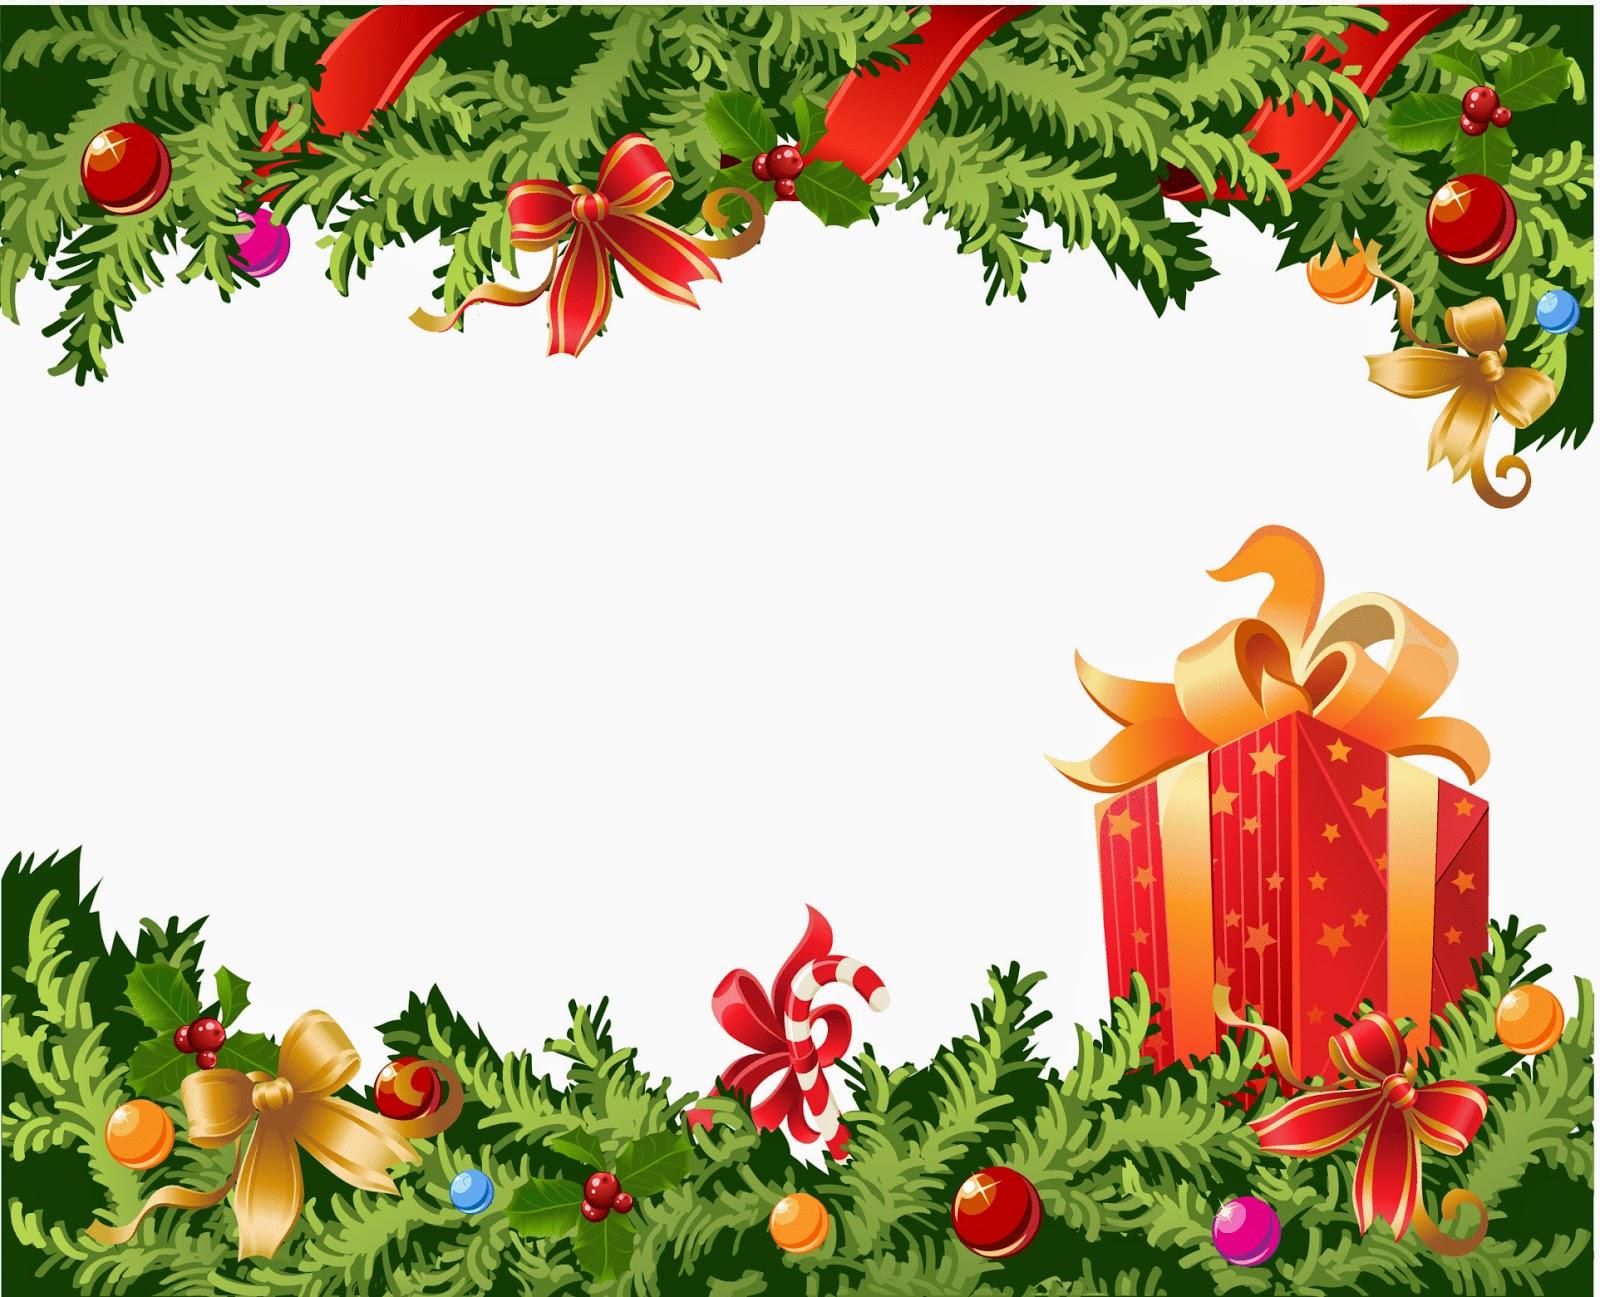 Adornos navide os para tarjetas o regalos tarjetas de - Adornos para navidad con pinas ...